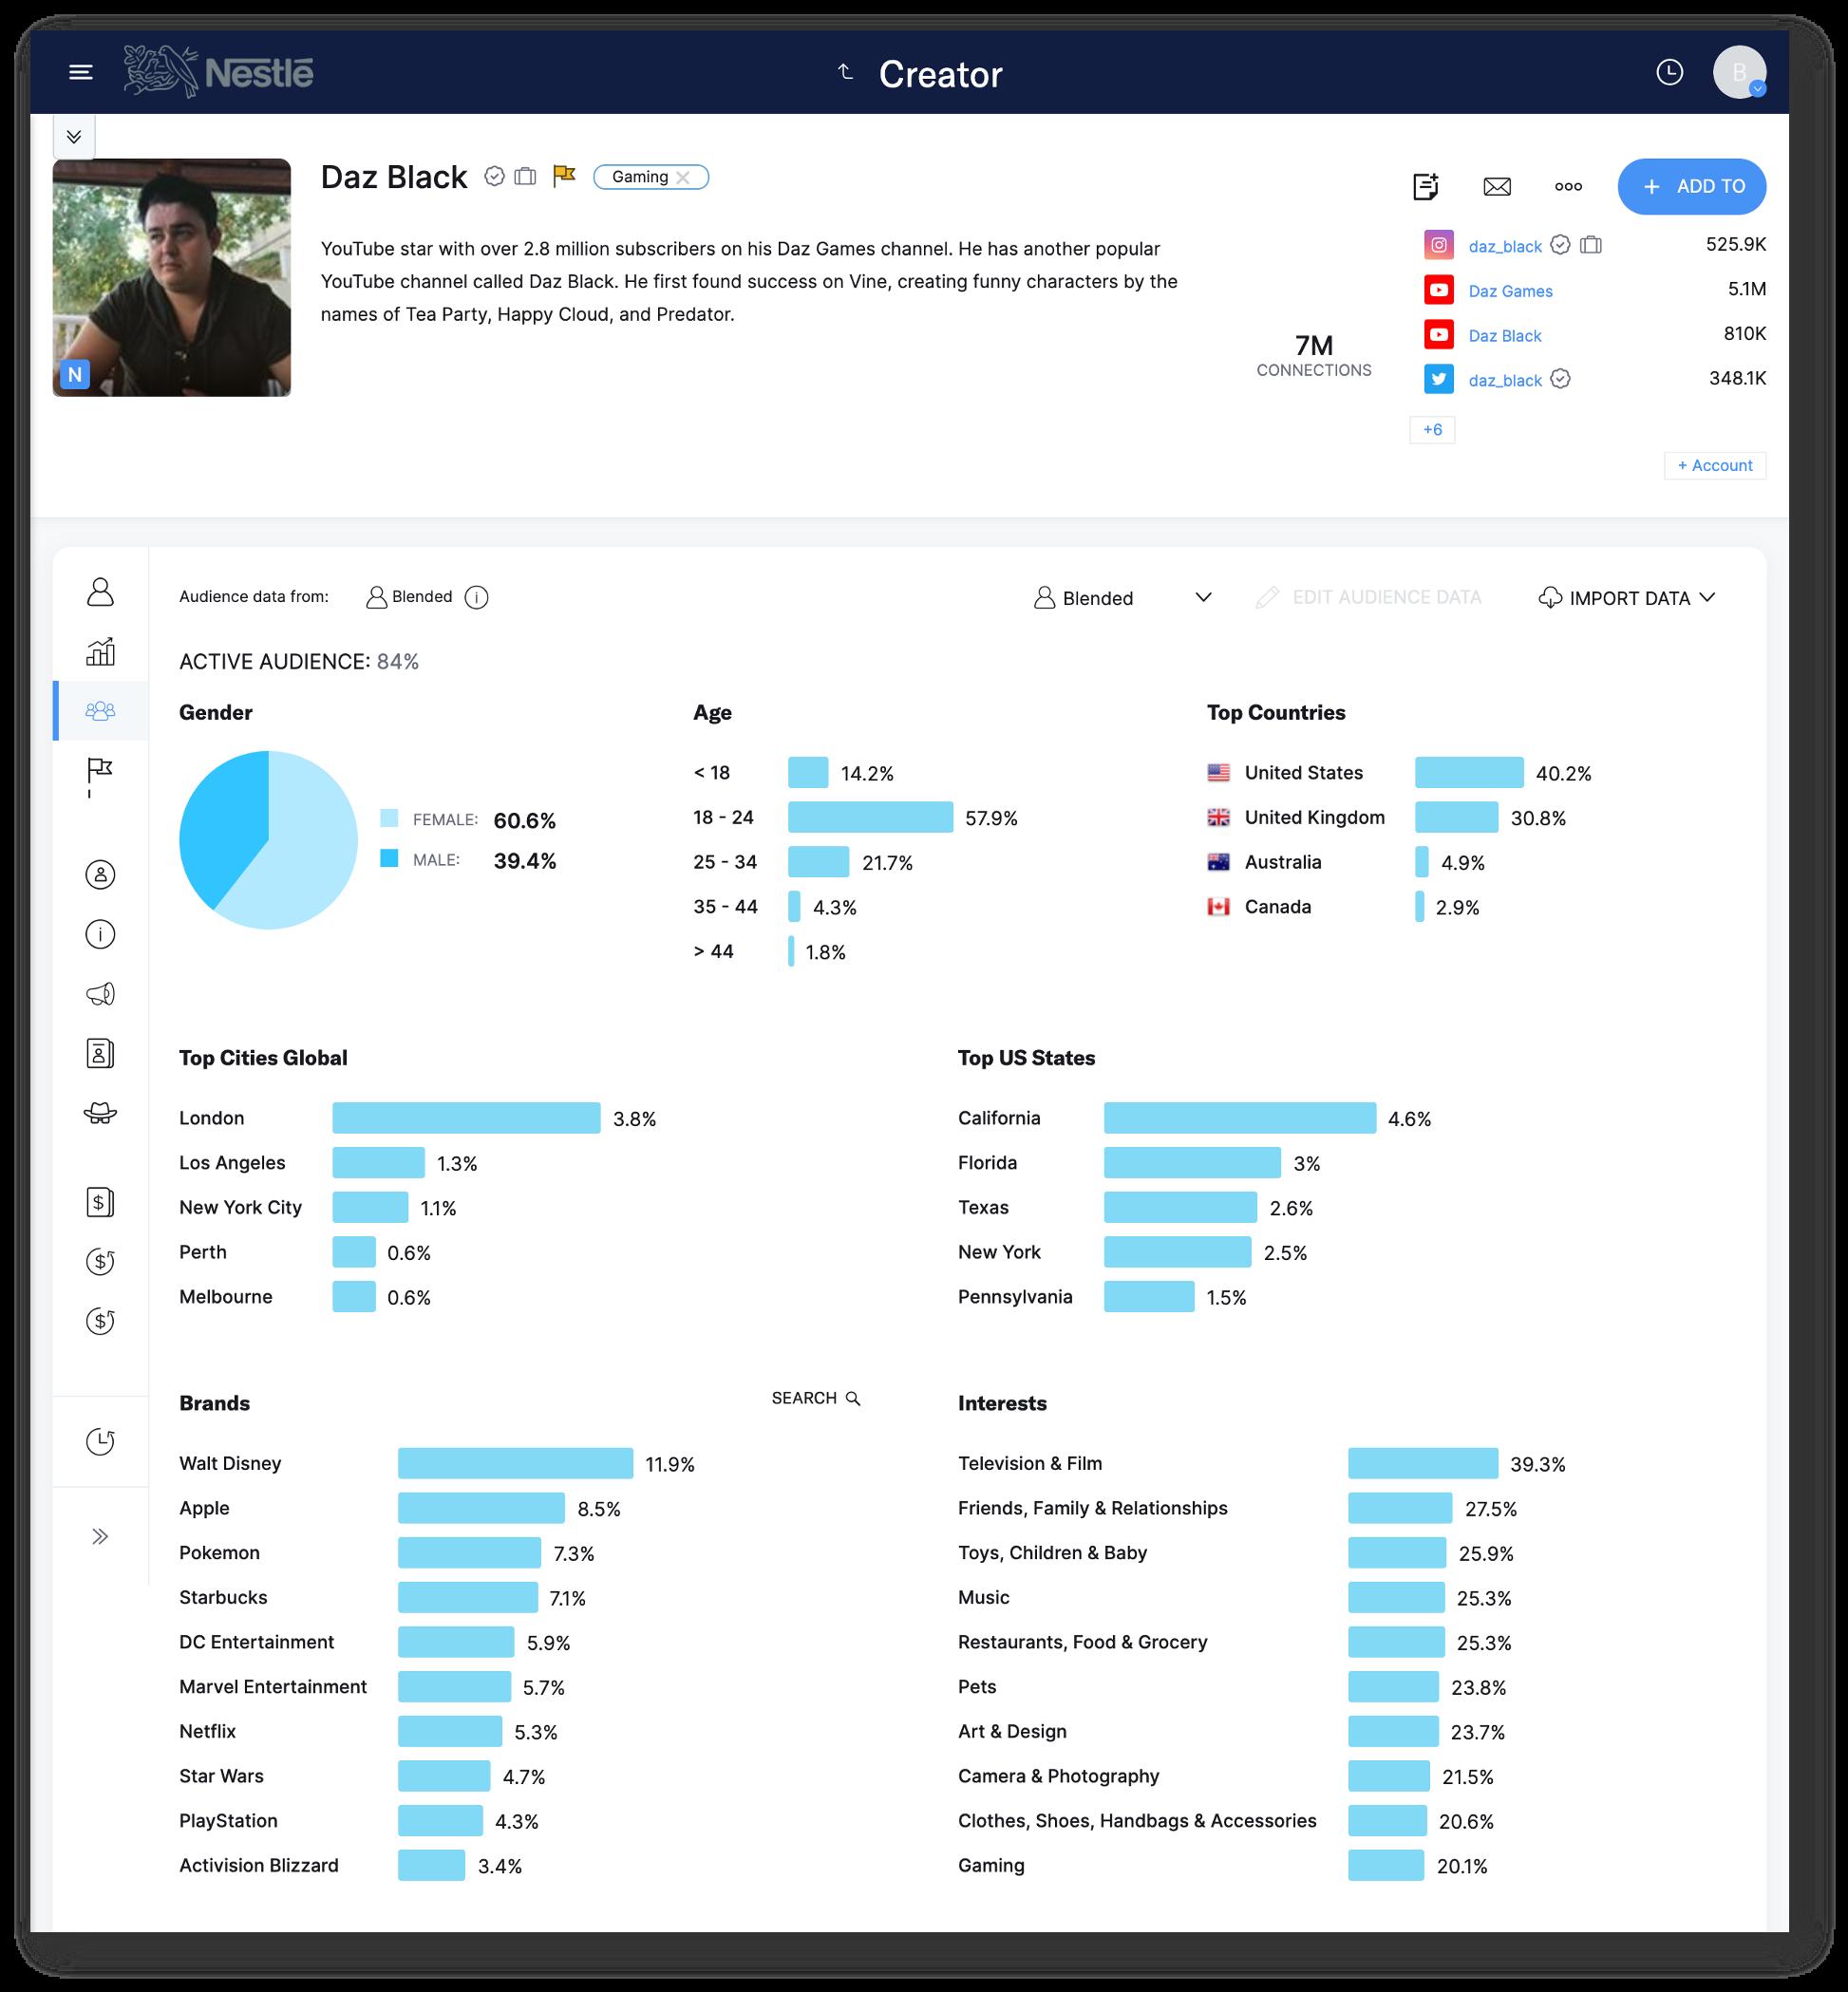 CreatorIQ Software - CIQ Creator Audience